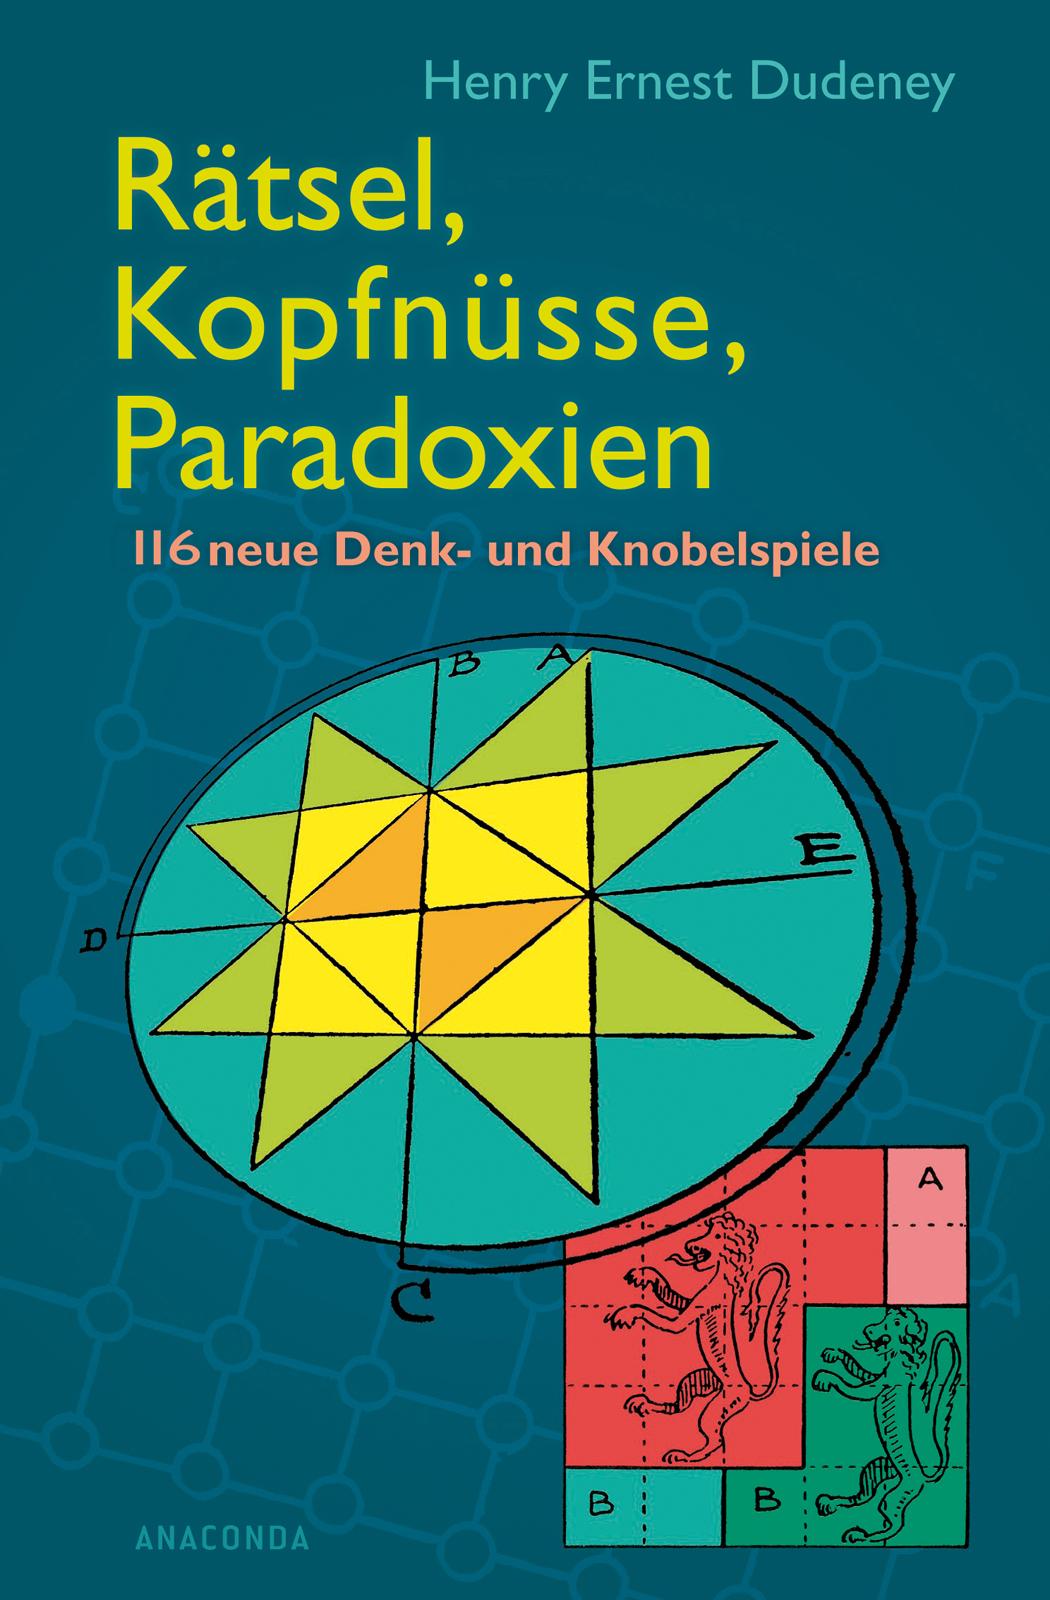 Rätsel, Kopfnüsse, Paradoxien: 150 neue Denk- und Knobelspiele: 116 neue Denk- und Knobelspiele - Henry Ernest Dudeney